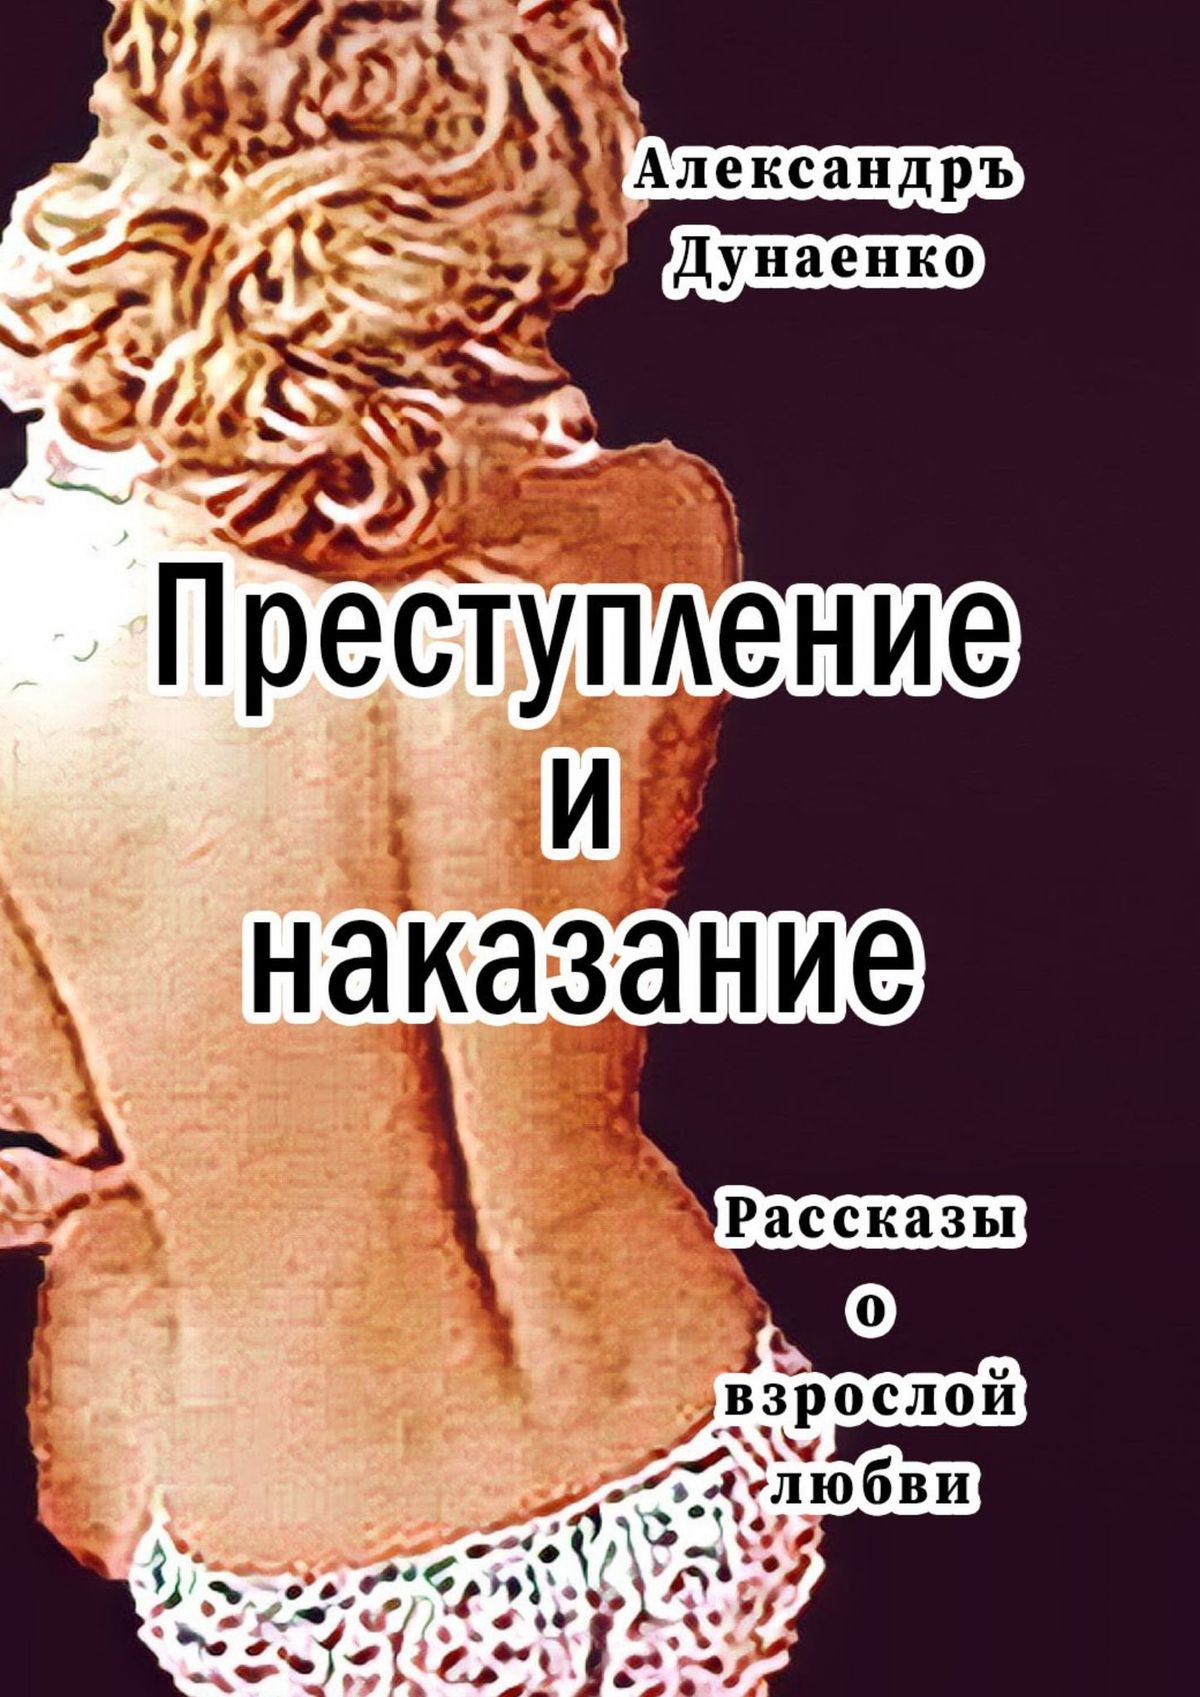 Александръ Дунаенко Преступление инаказание. Рассказы для очень взрослых цены